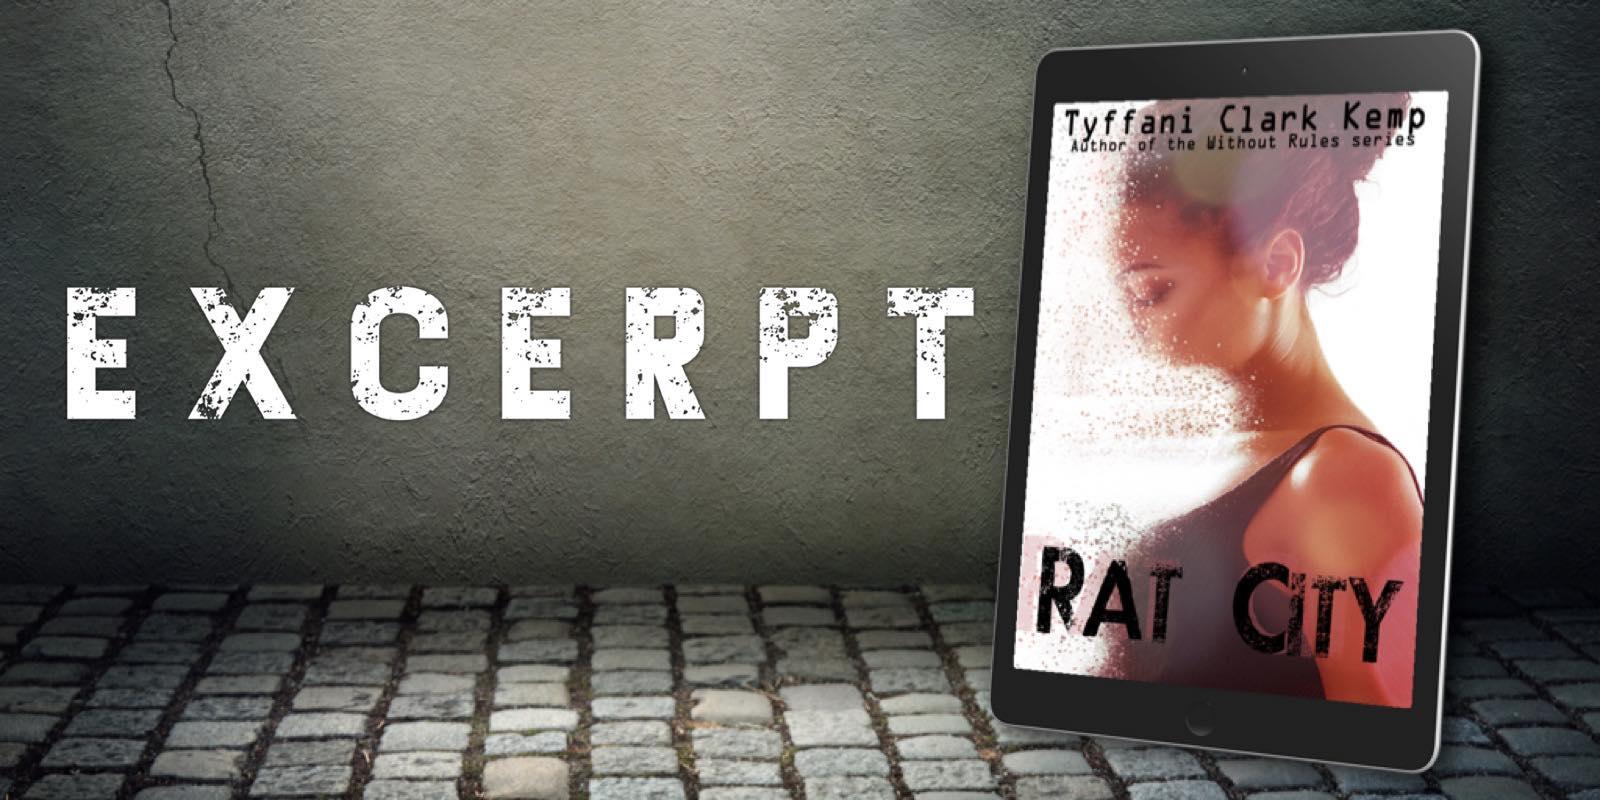 rat city excerpt